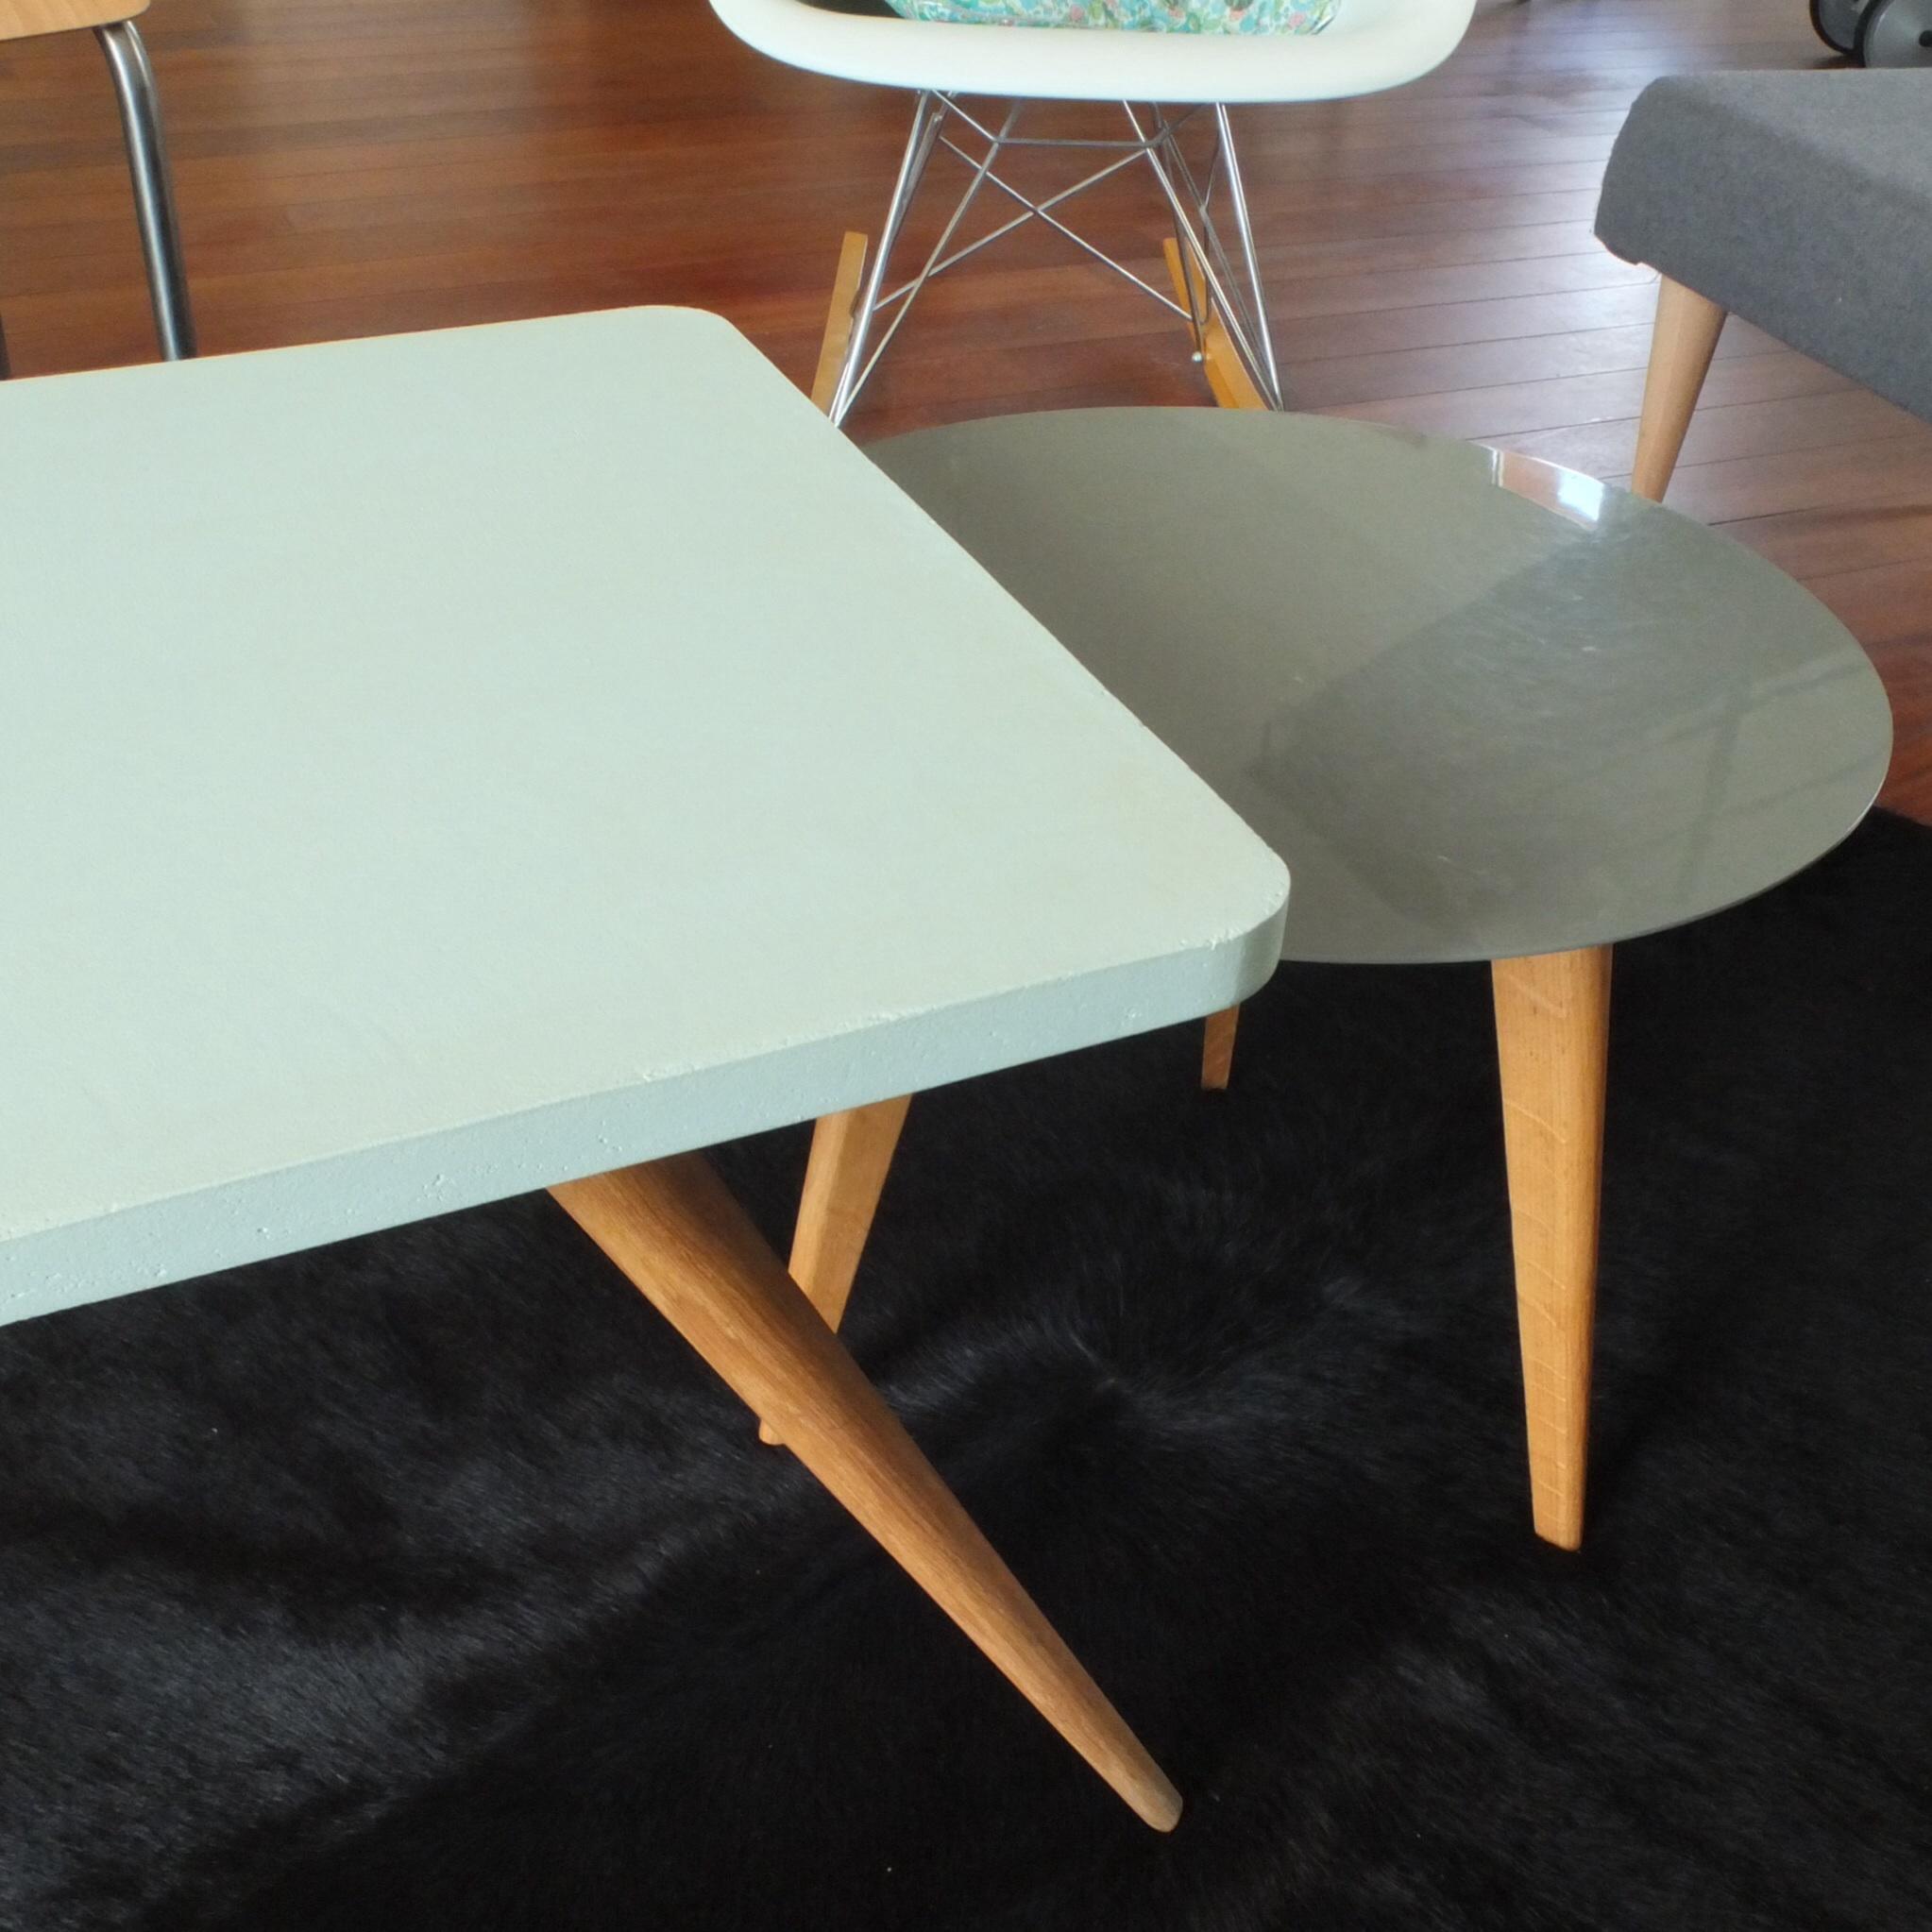 Table basse ann es 50 60 pieds compas vintage magic - Table basse annee 50 60 ...